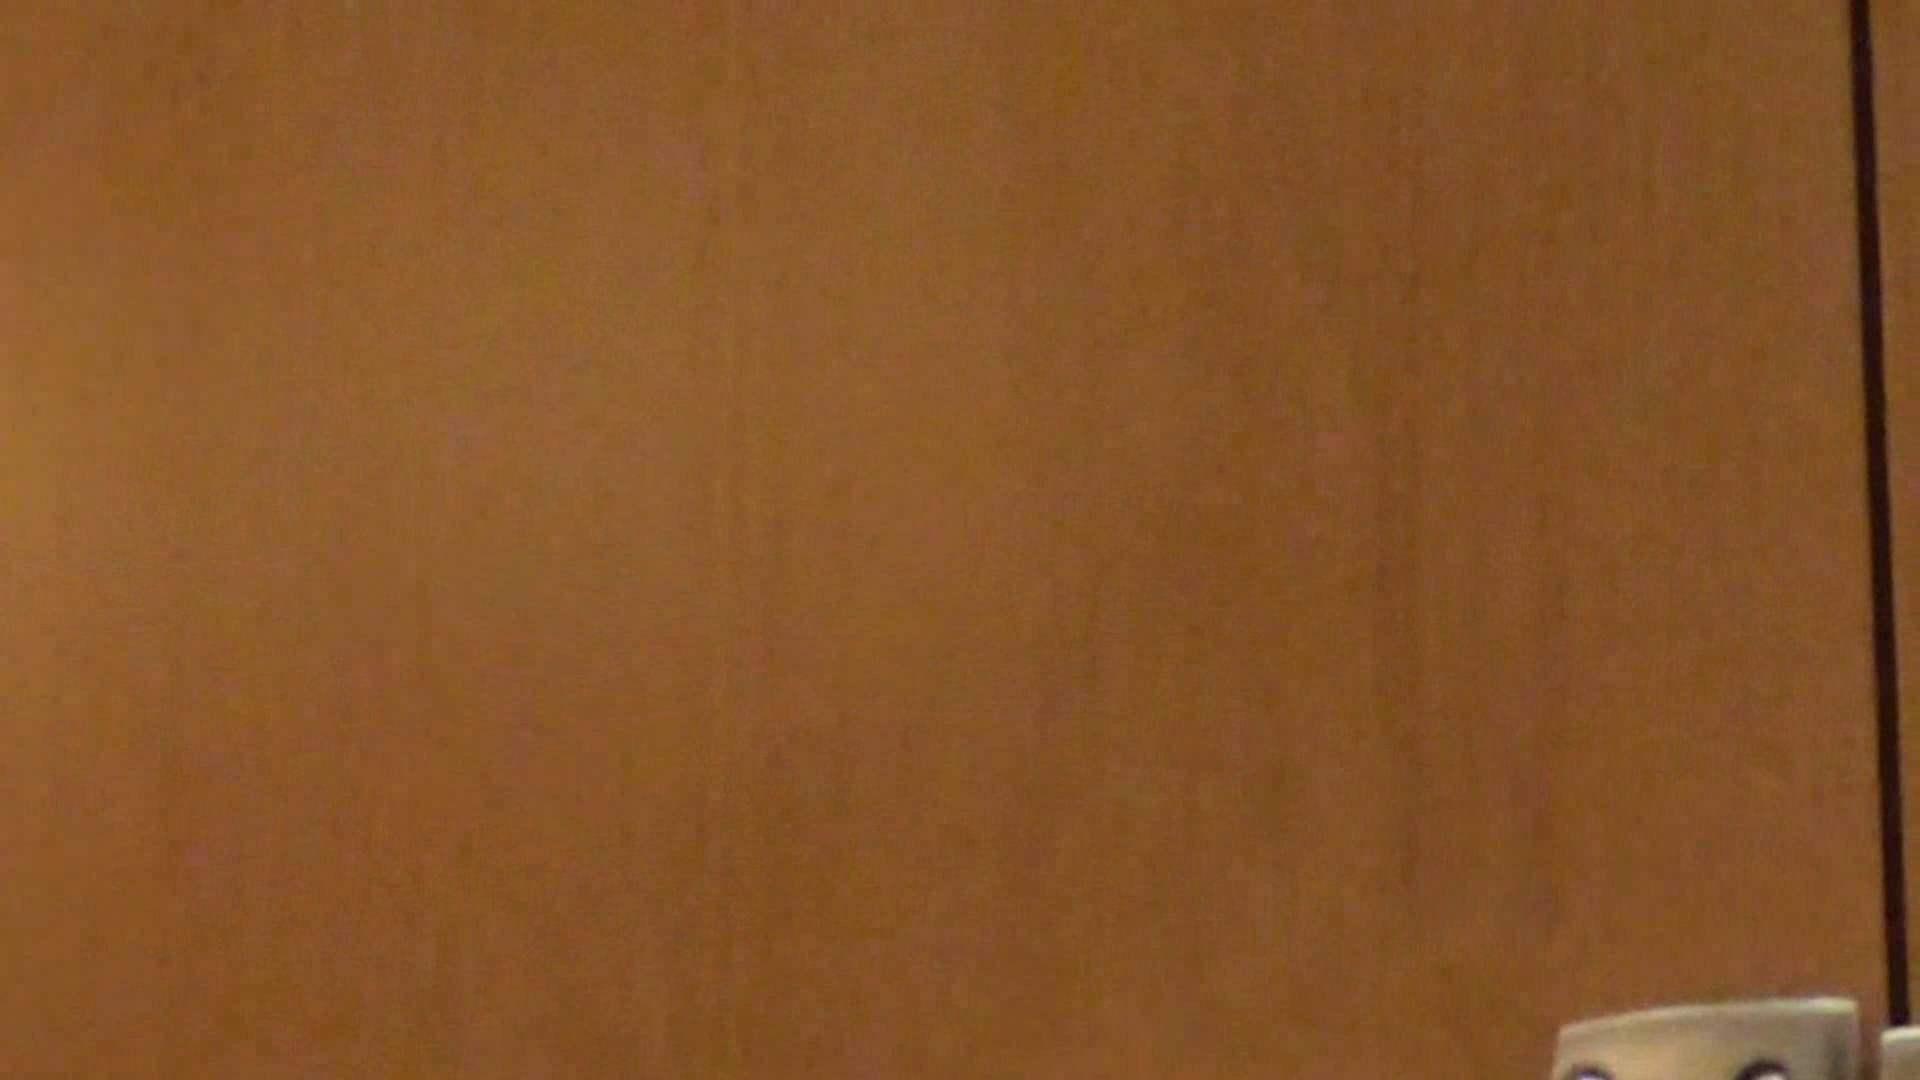 隣国化粧室下から御免!! No.05 美女 オメコ動画キャプチャ 82画像 11